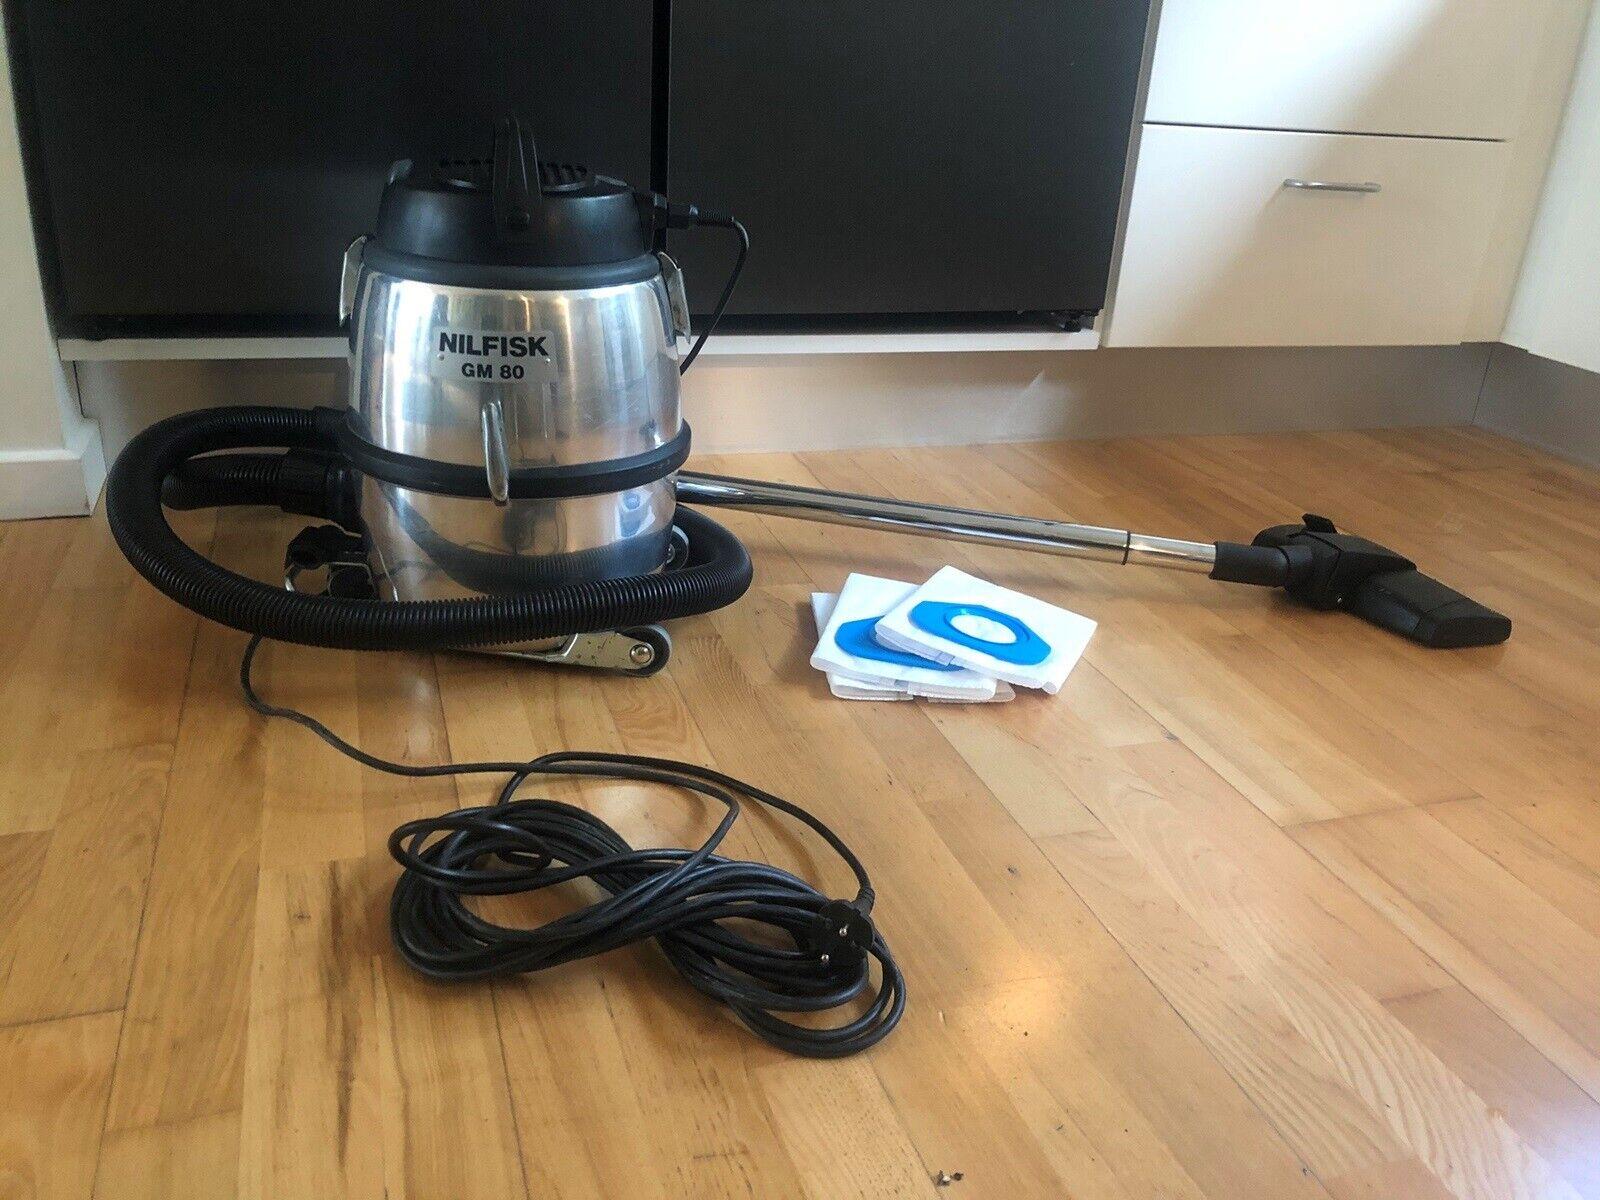 Støvsuger, Nilfisk GM 80, 1300 watt